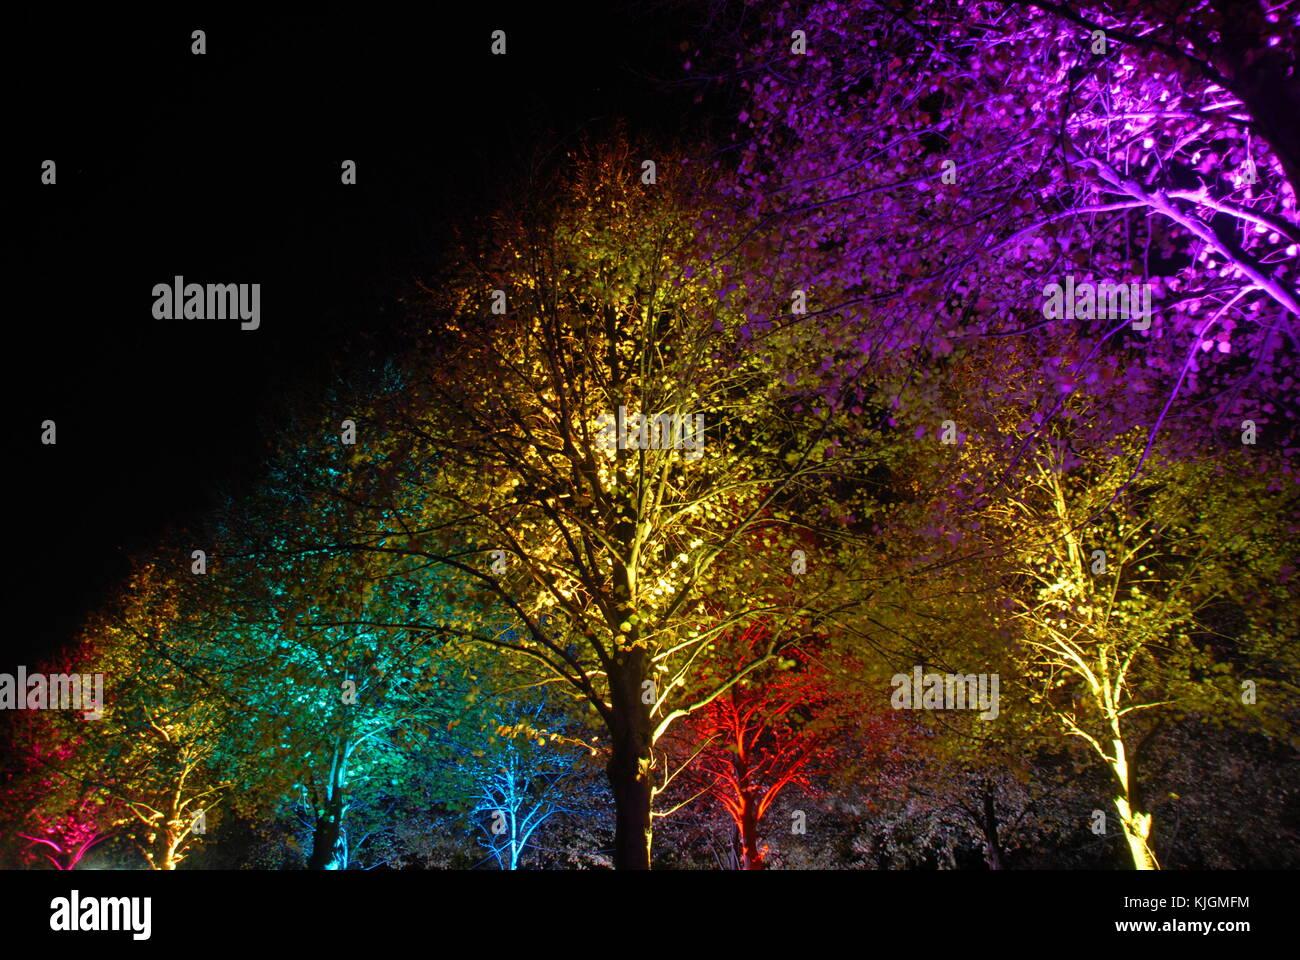 Magic colorati alberi illuminati di notte (viola,giallo,rosso,turquise,blu) Immagini Stock